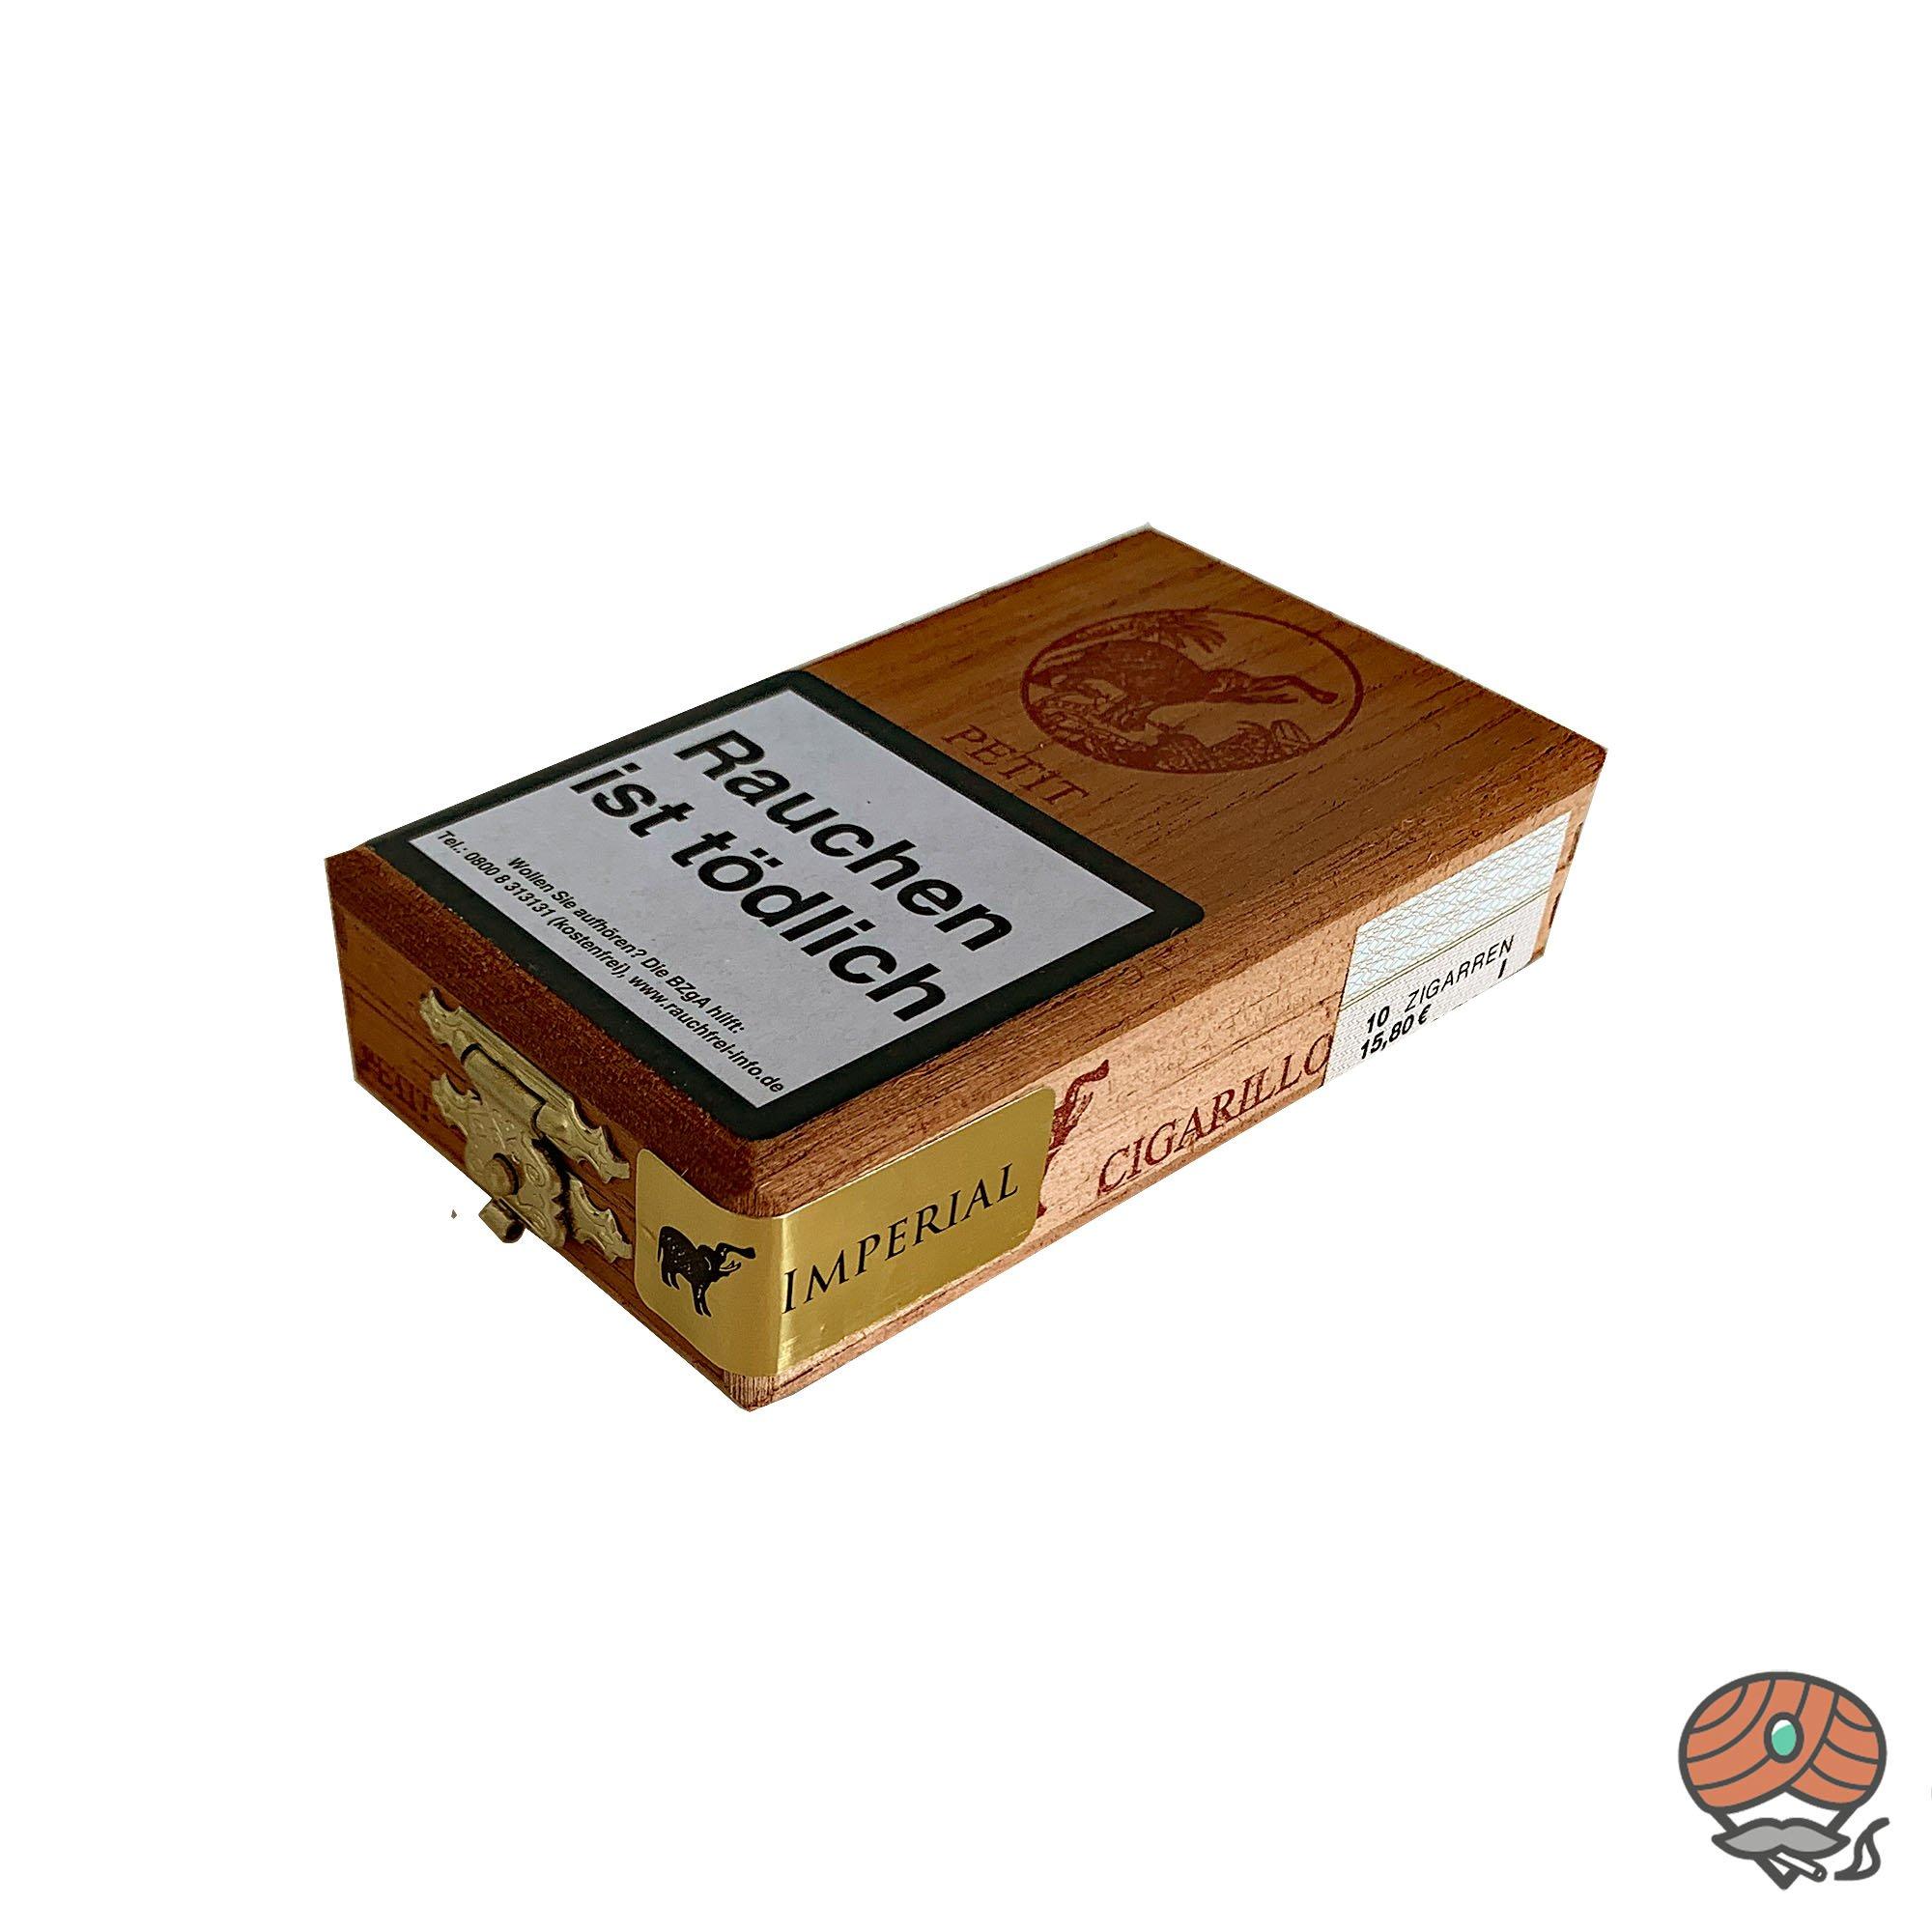 De Olifant Classic Petit Zigarren 10 Stück